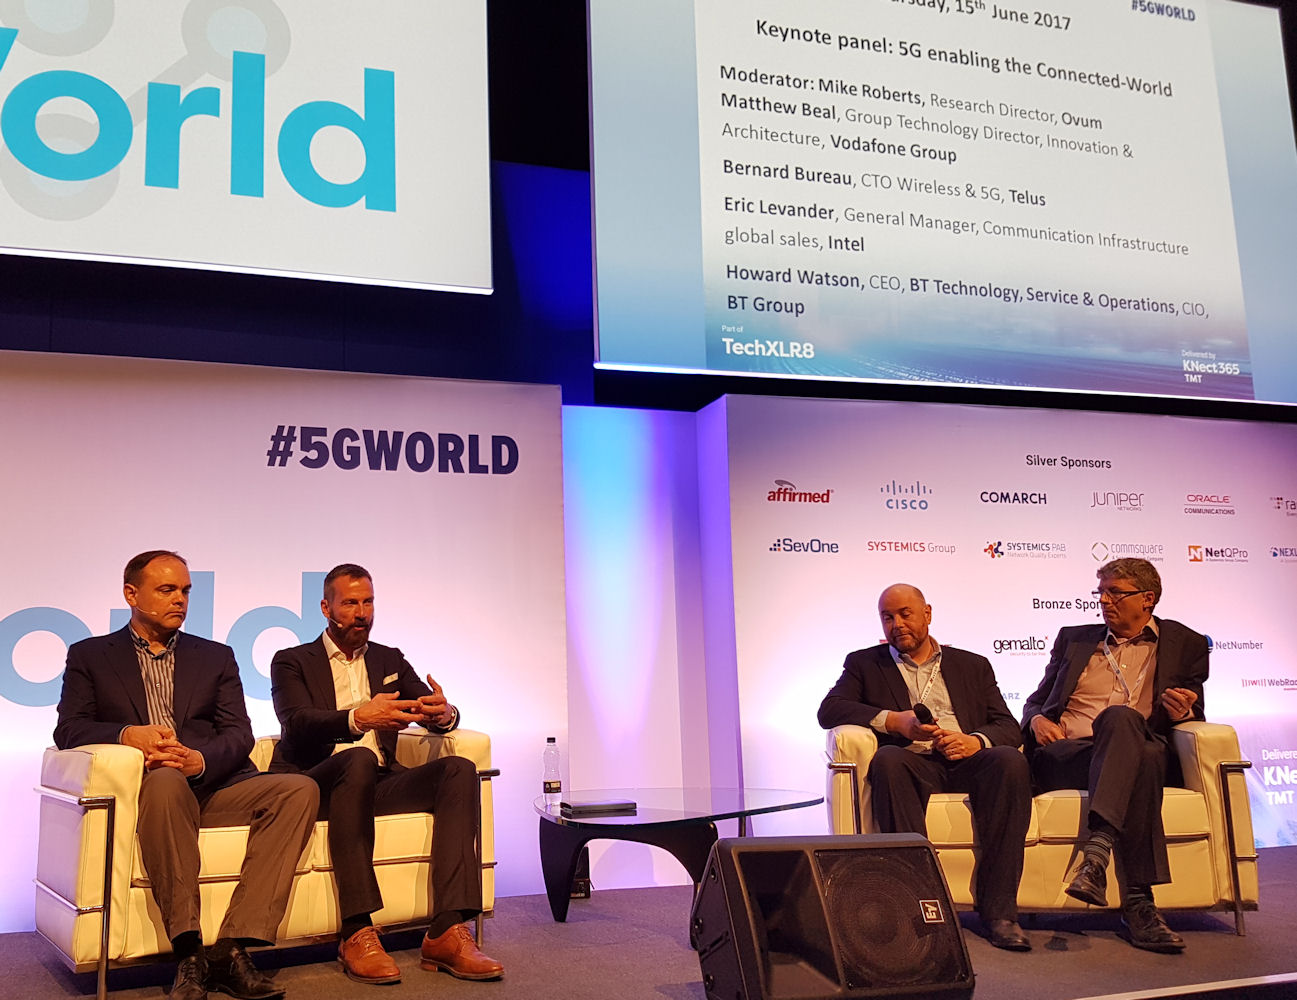 5G world keynote panel v2